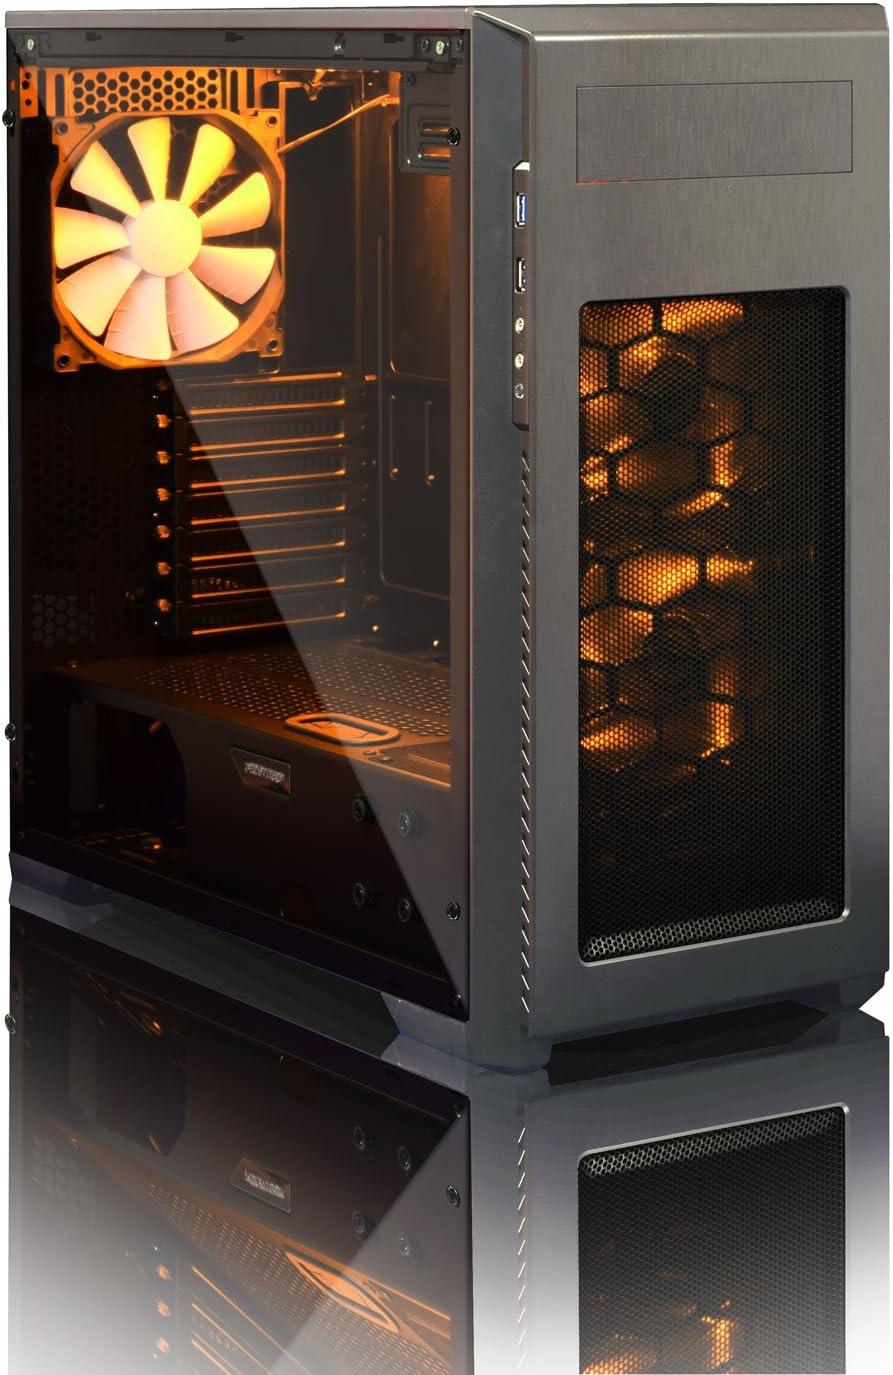 Phanteks Enthoo Pro M Ventana de acrílico edición Gaming PC Caso – Gunmetal Gris – con LED Kit Naranja: Amazon.es: Informática